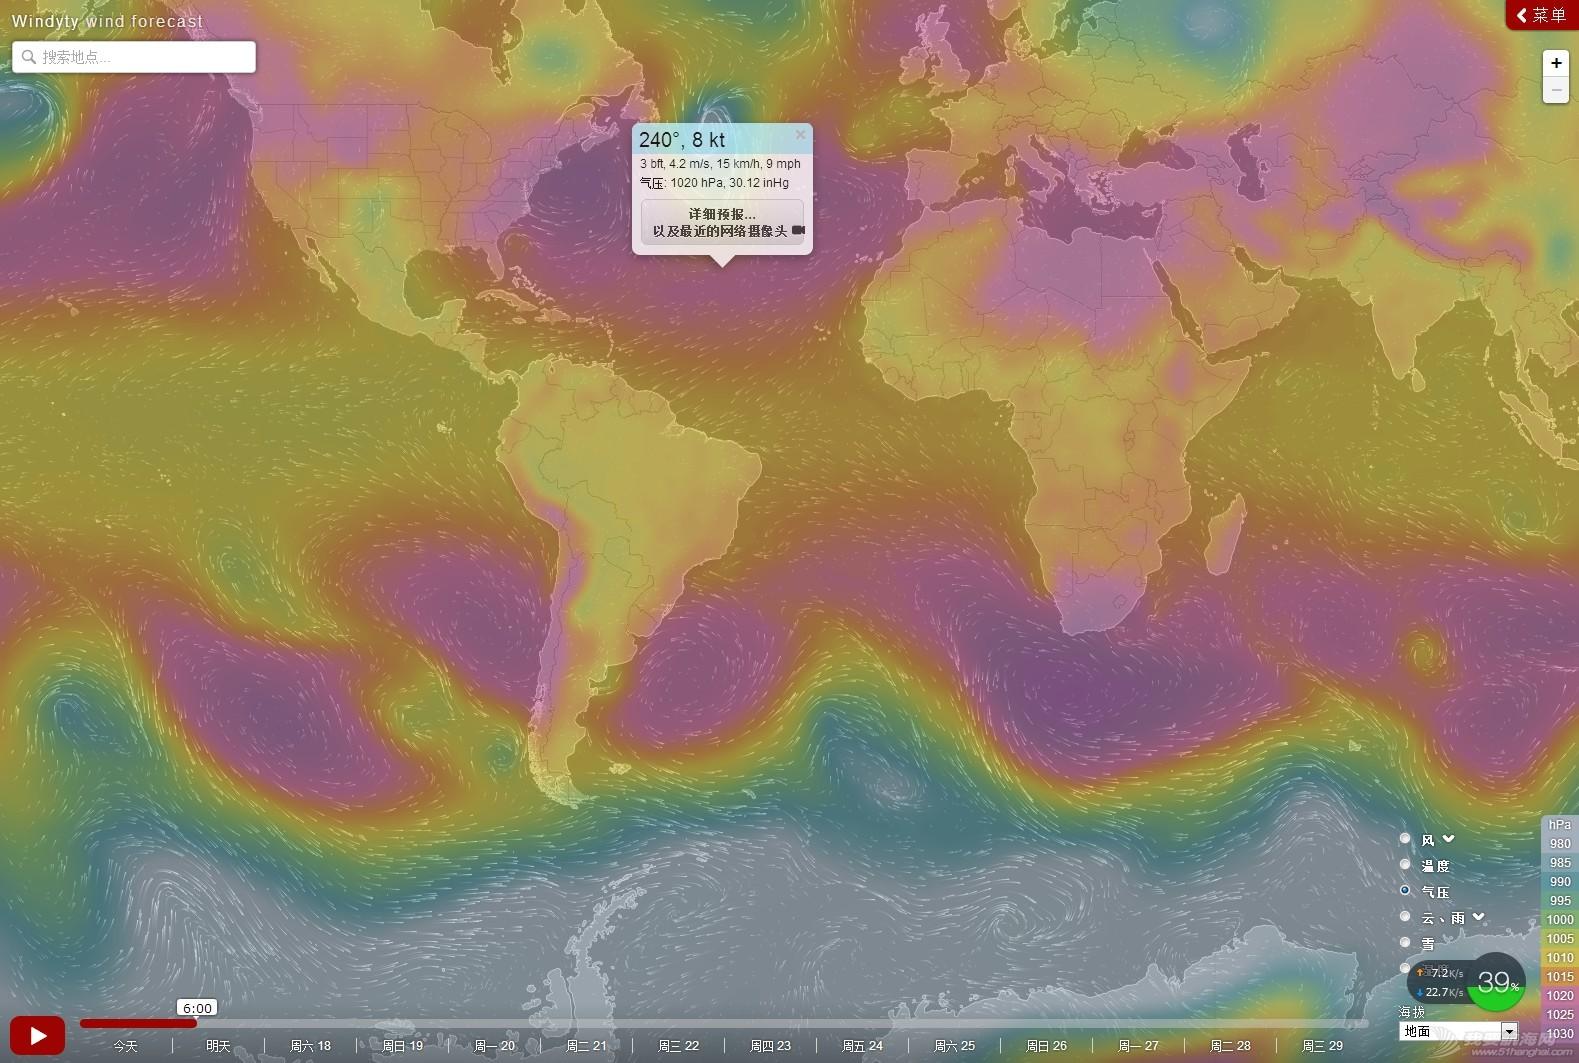 天气预报 浅谈巡航帆船番外篇----天气预报网站 001.JPG